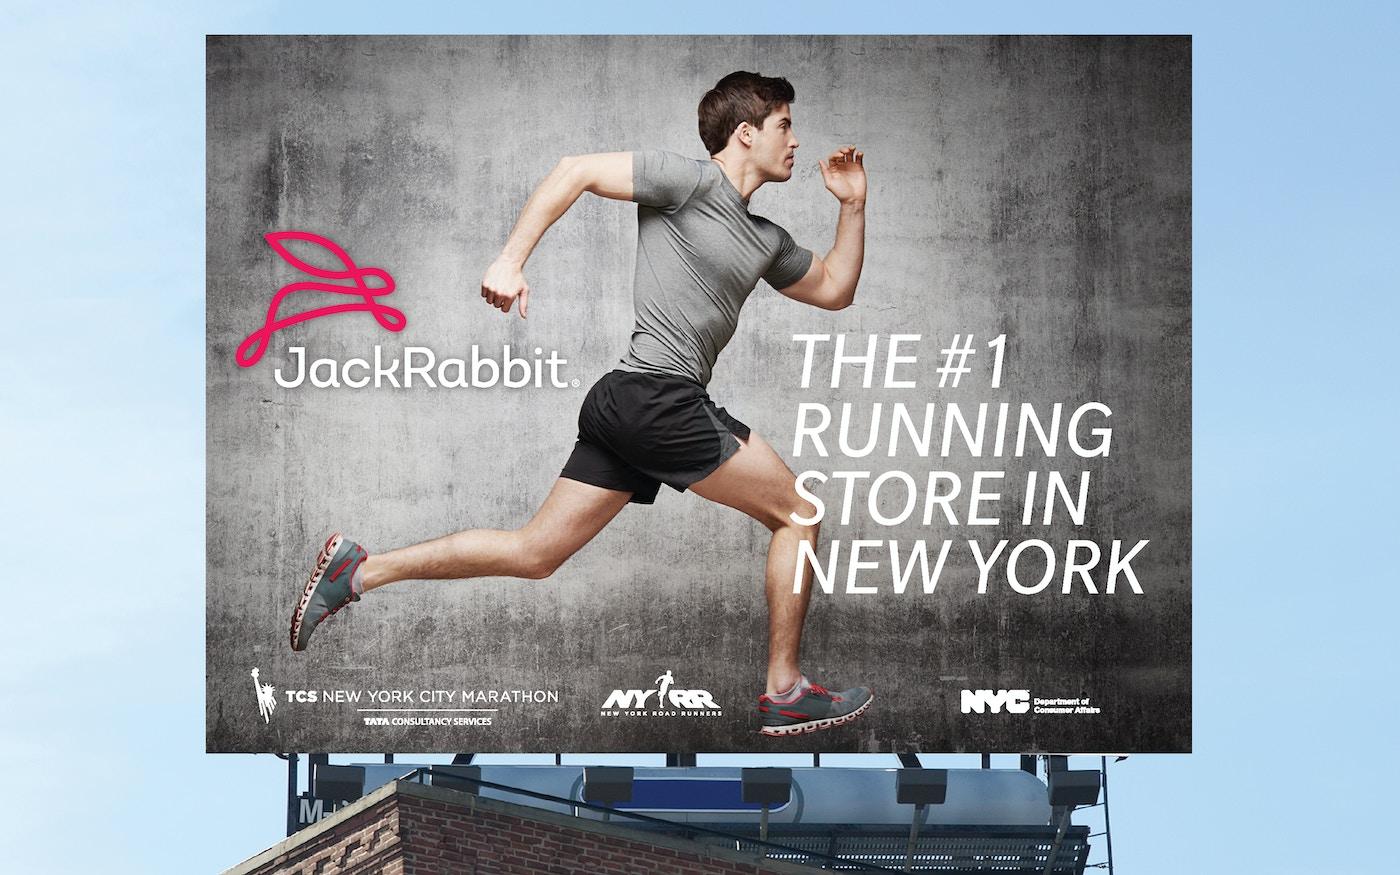 JackRabbit running store billboard